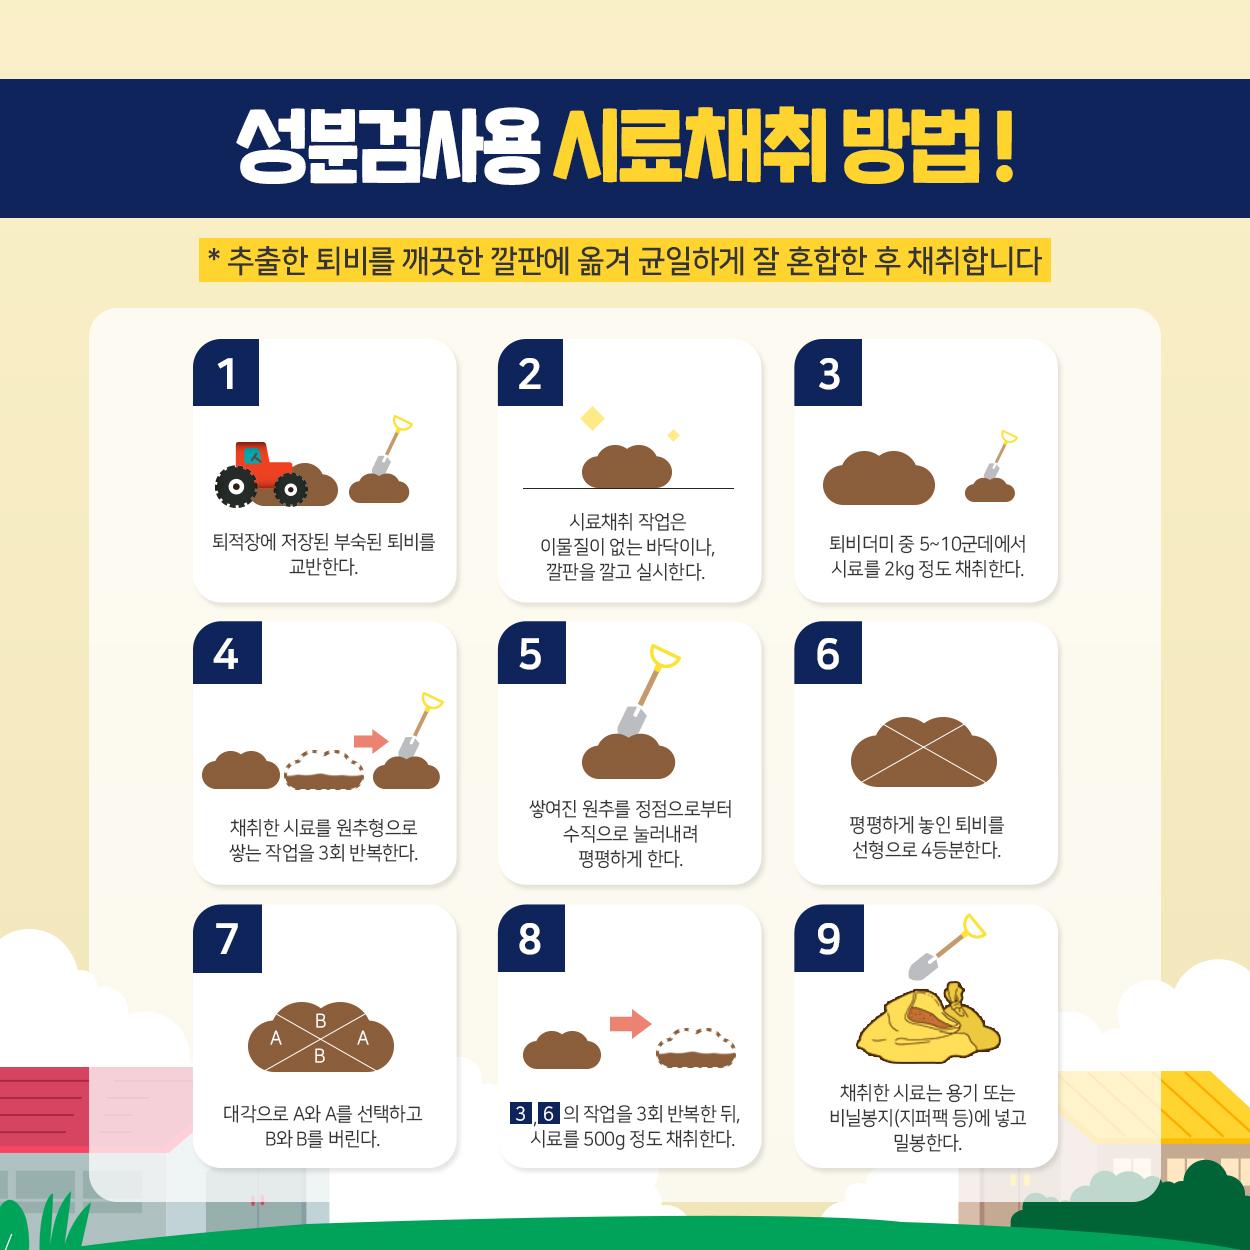 농식품부_카드뉴스_퇴비6_200102.jpg